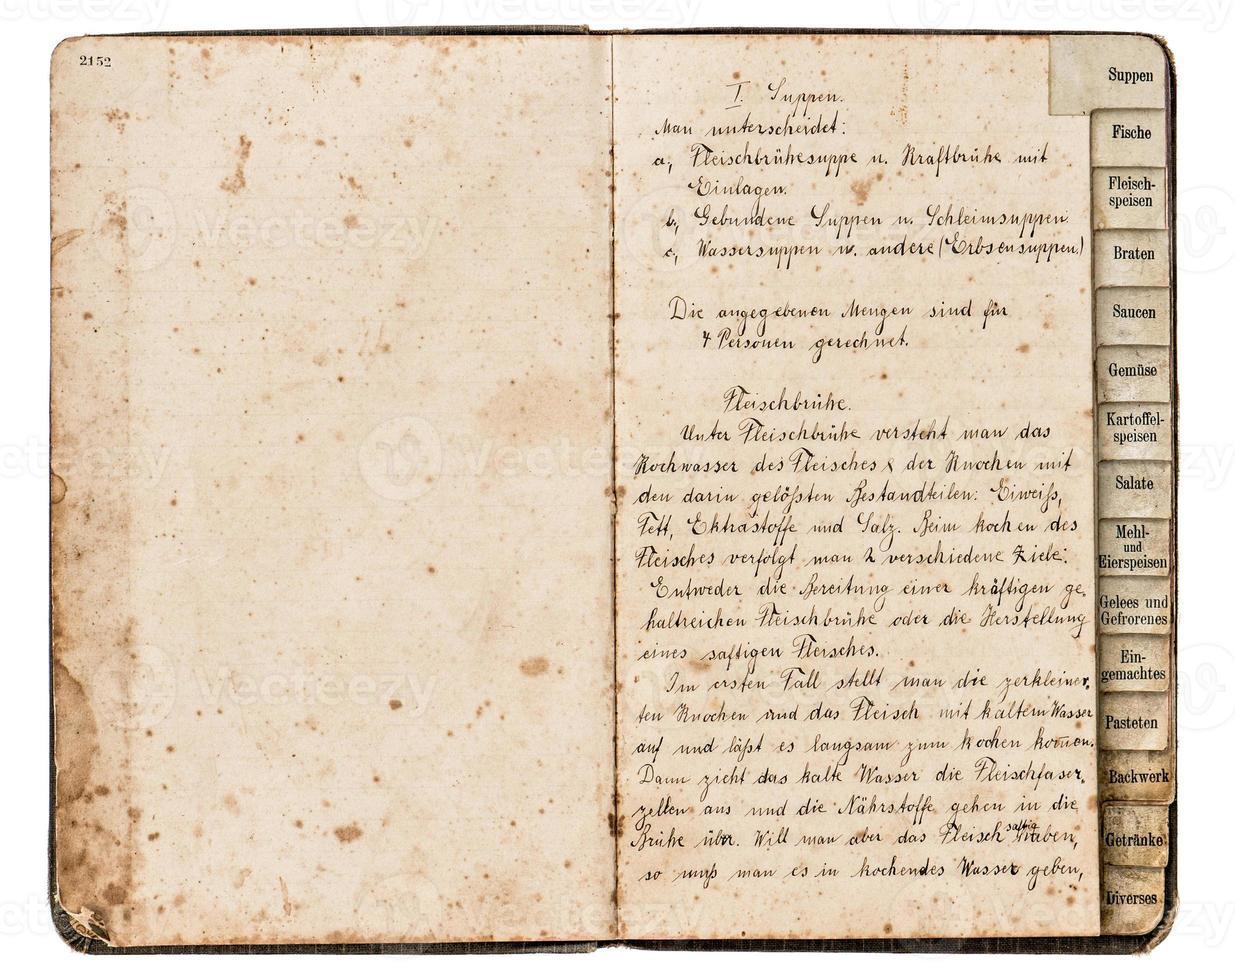 antiek receptenboek met handgeschreven tekst foto